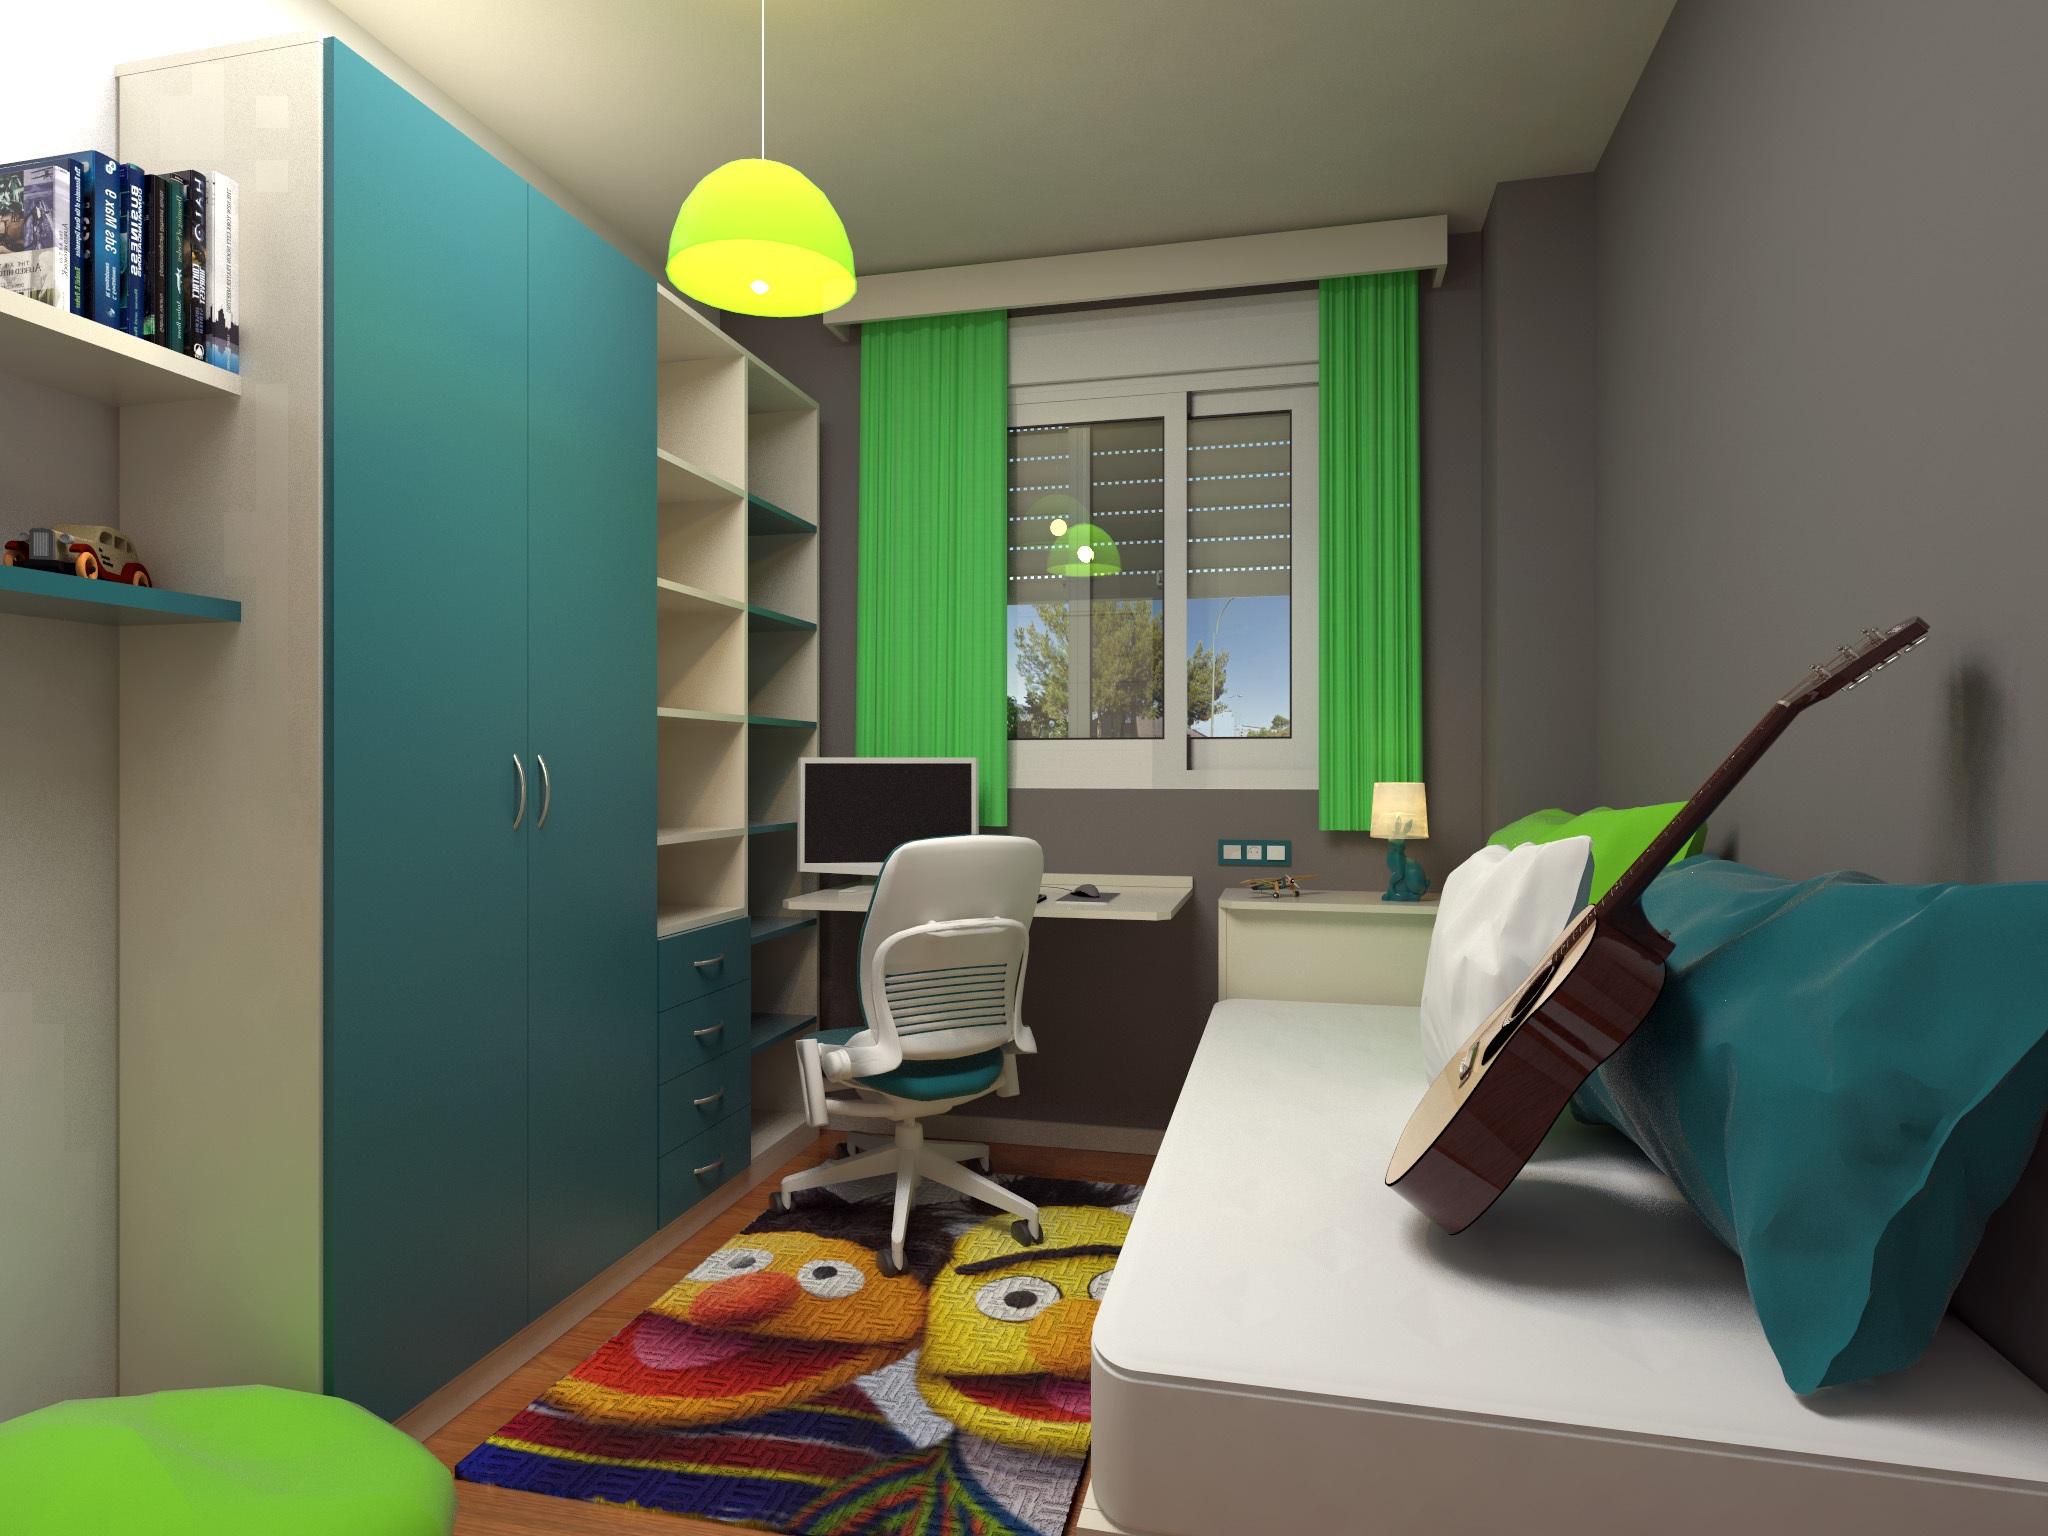 Gambar Lantai Pemuda Warna Kantor Ruang Keluarga Kamar Tidur